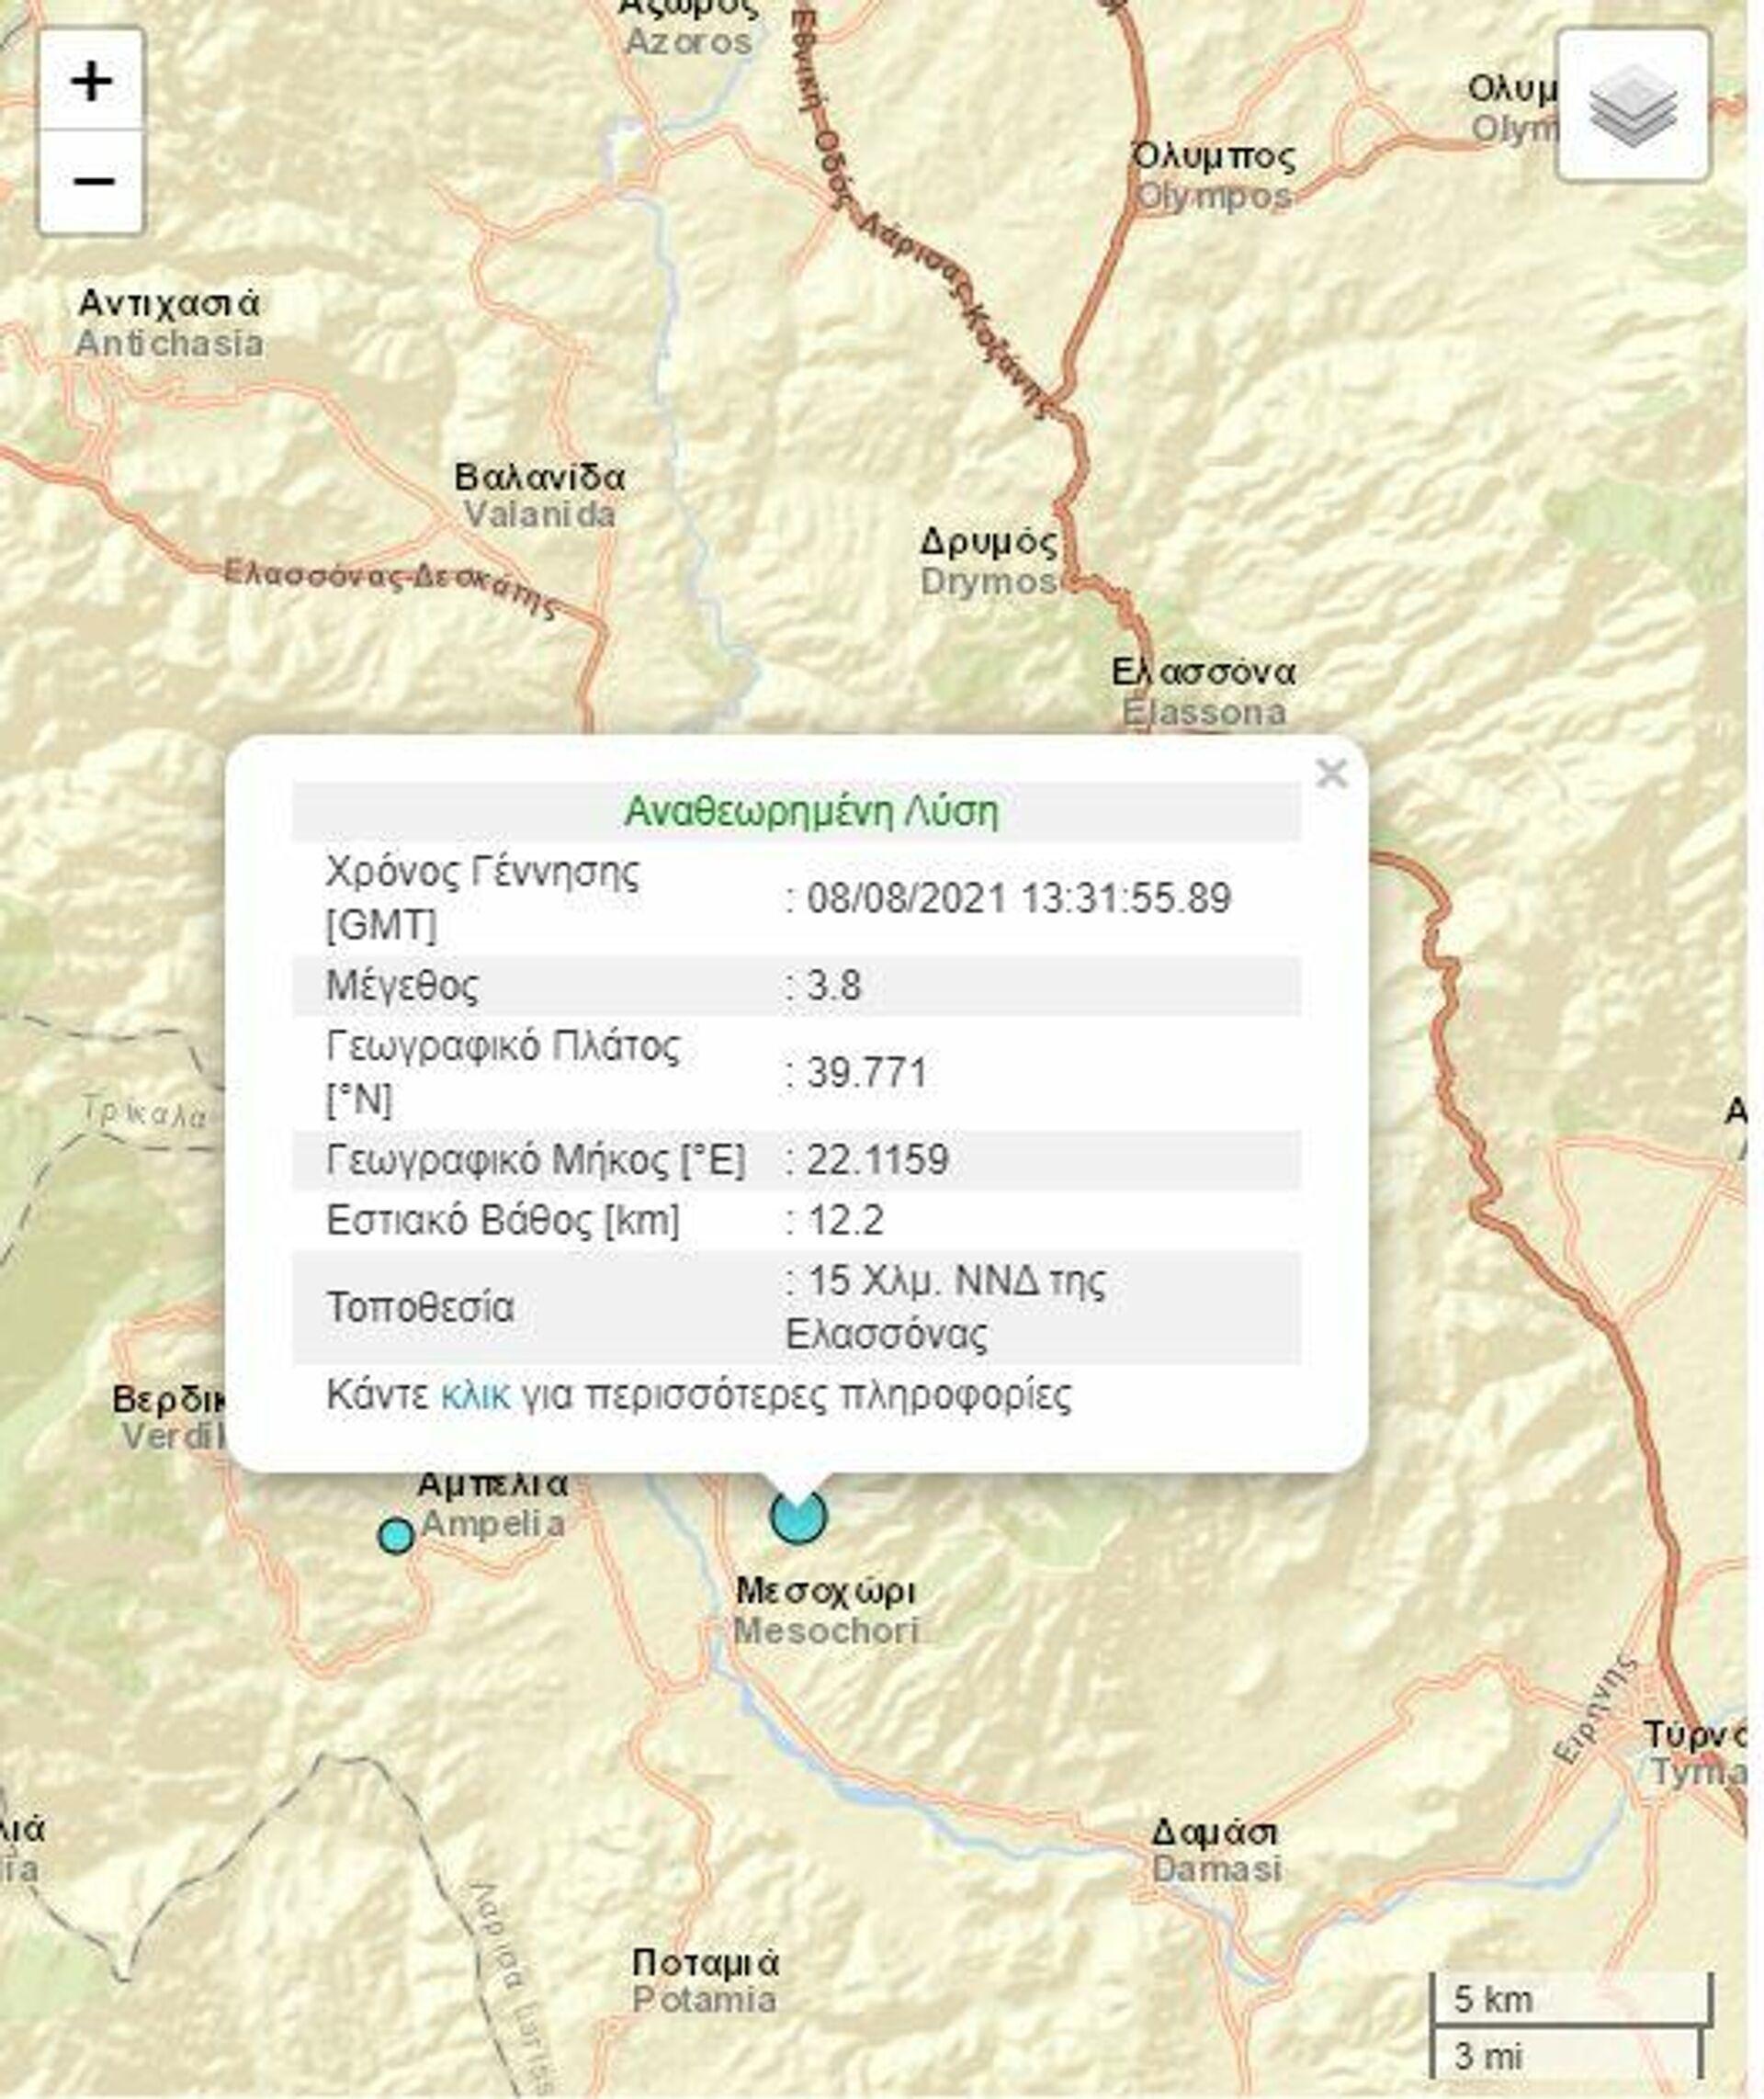 Σεισμός στην Ελασσόνα - Sputnik Ελλάδα, 1920, 08.08.2021